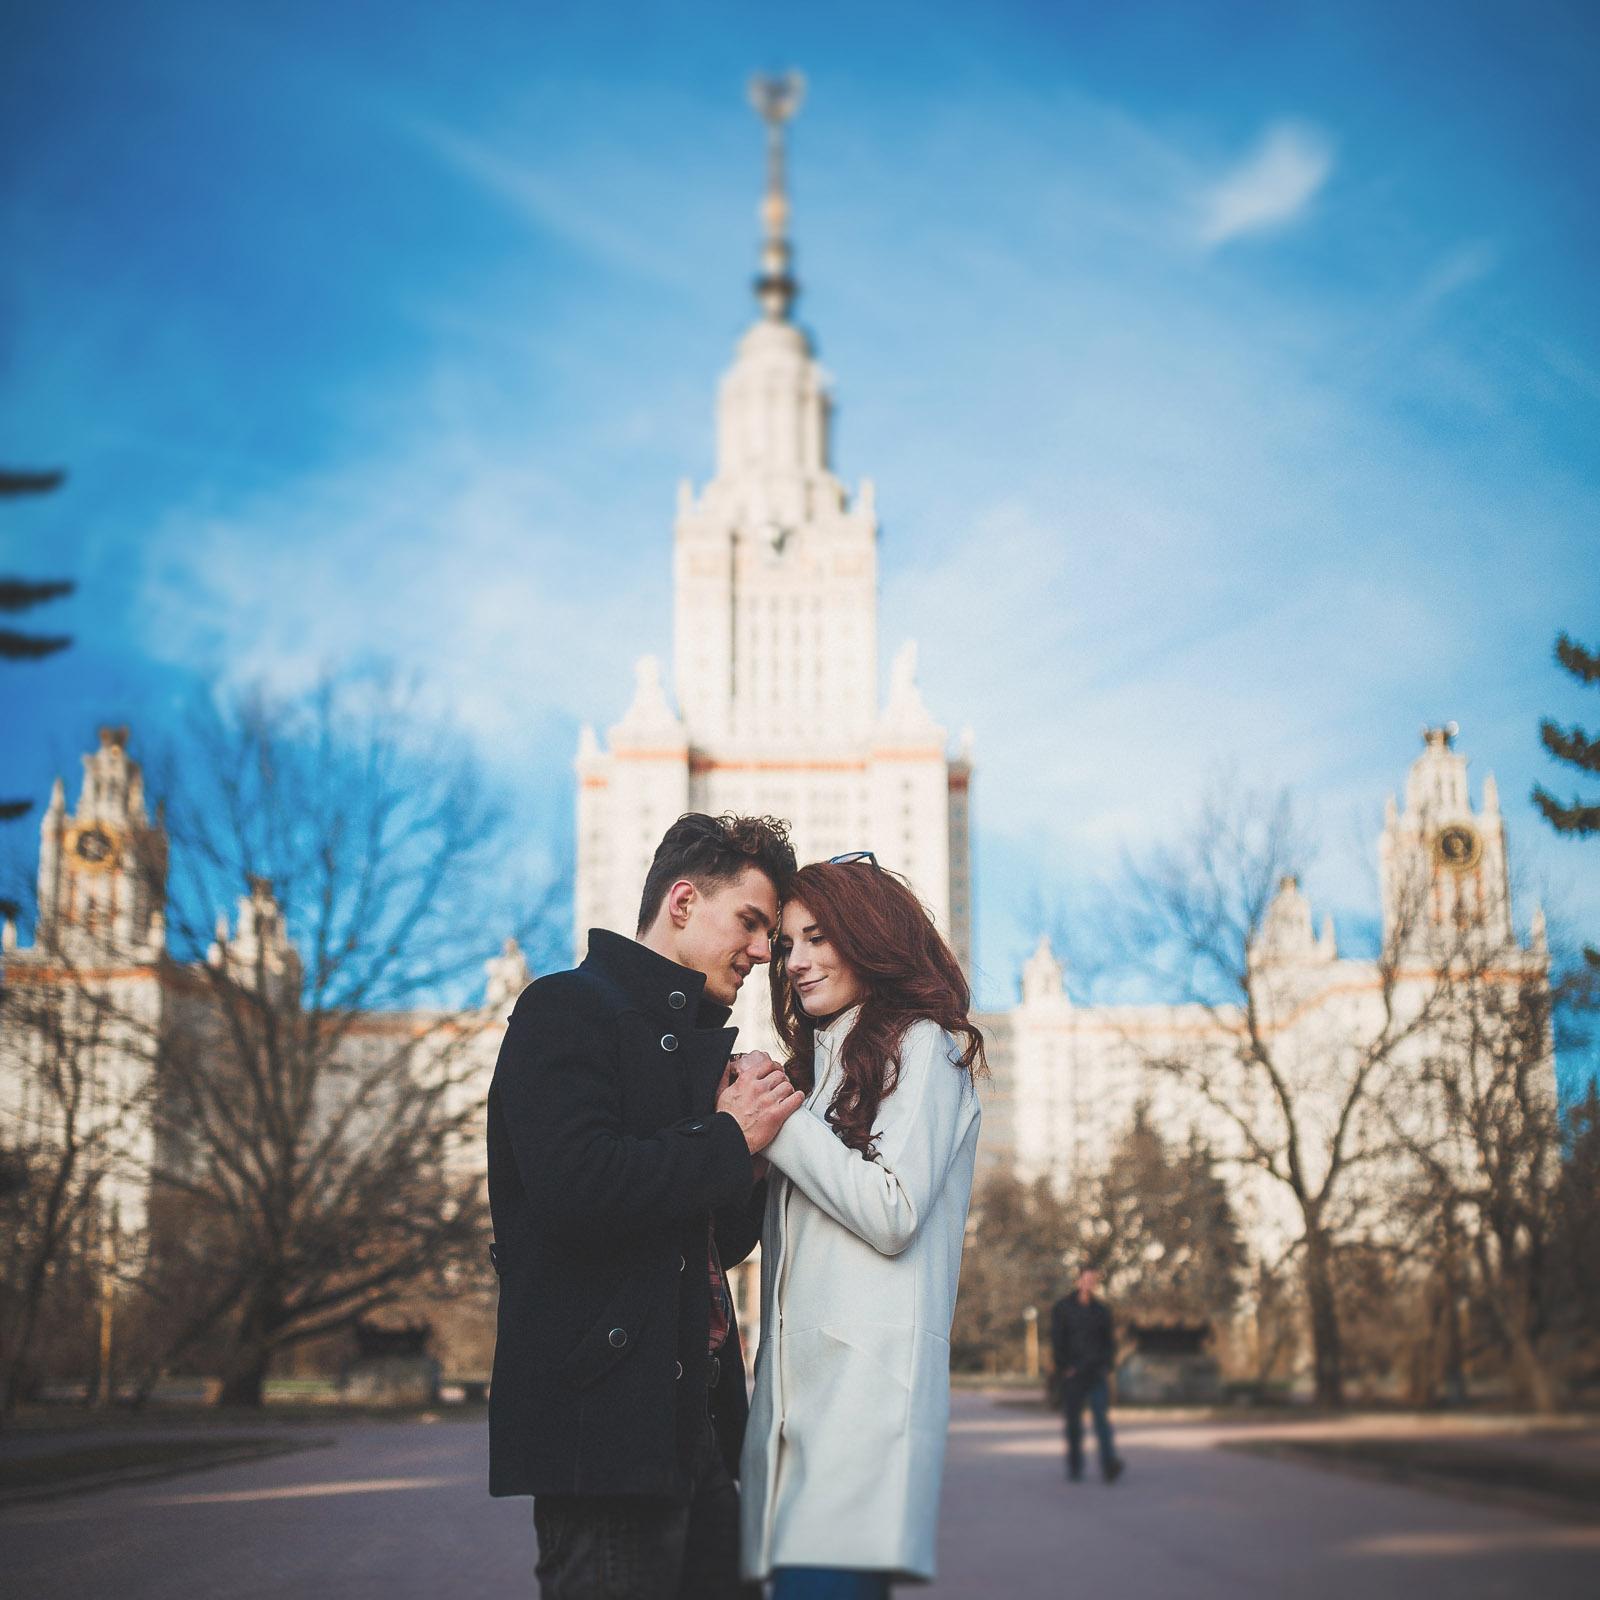 Фотосессия Love Story, свадебный фотограф в Москве